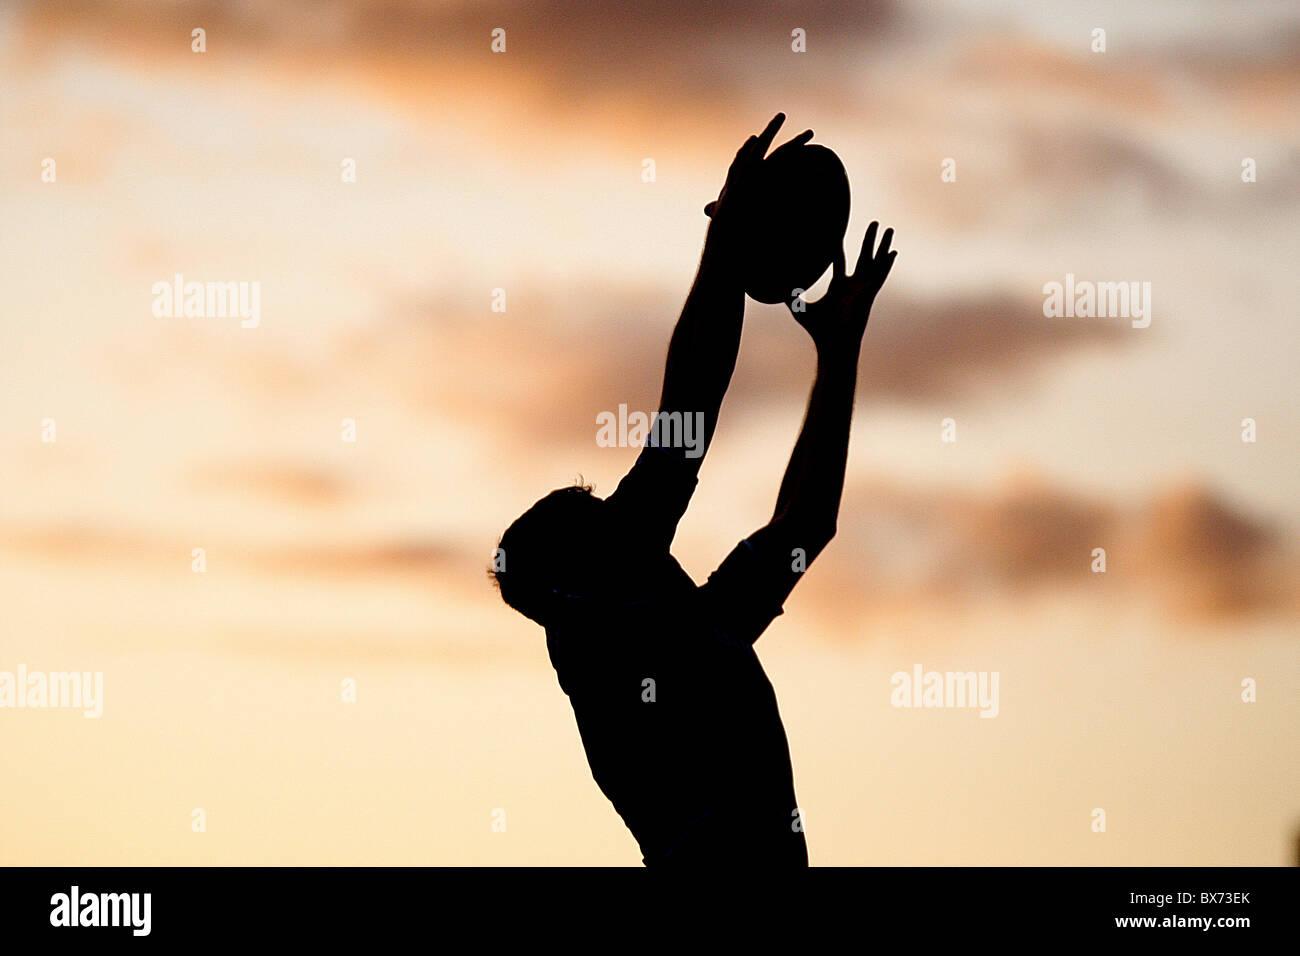 Silueta de Rugby jugador con balón con puesta de sol Foto de stock